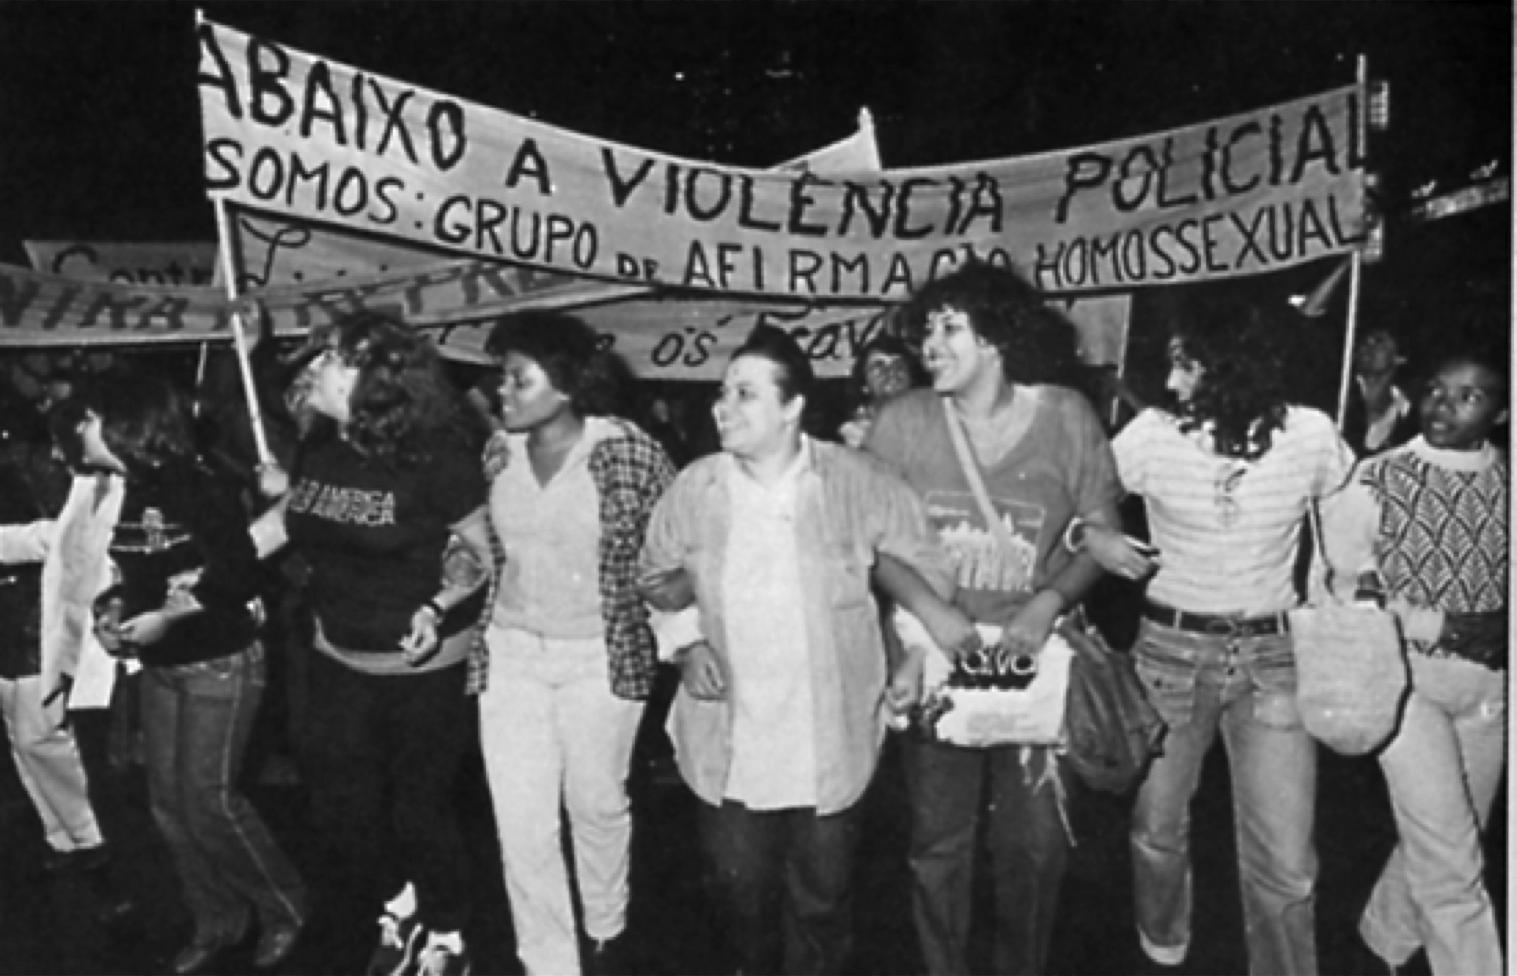 O Ato do Somos - Grupo de Afirmação Homossexual, em abril de 1980 nas ruas de São Paulo contra a violência à comunidade LGBTQIA+. (Foto: Somos / Divulgação)